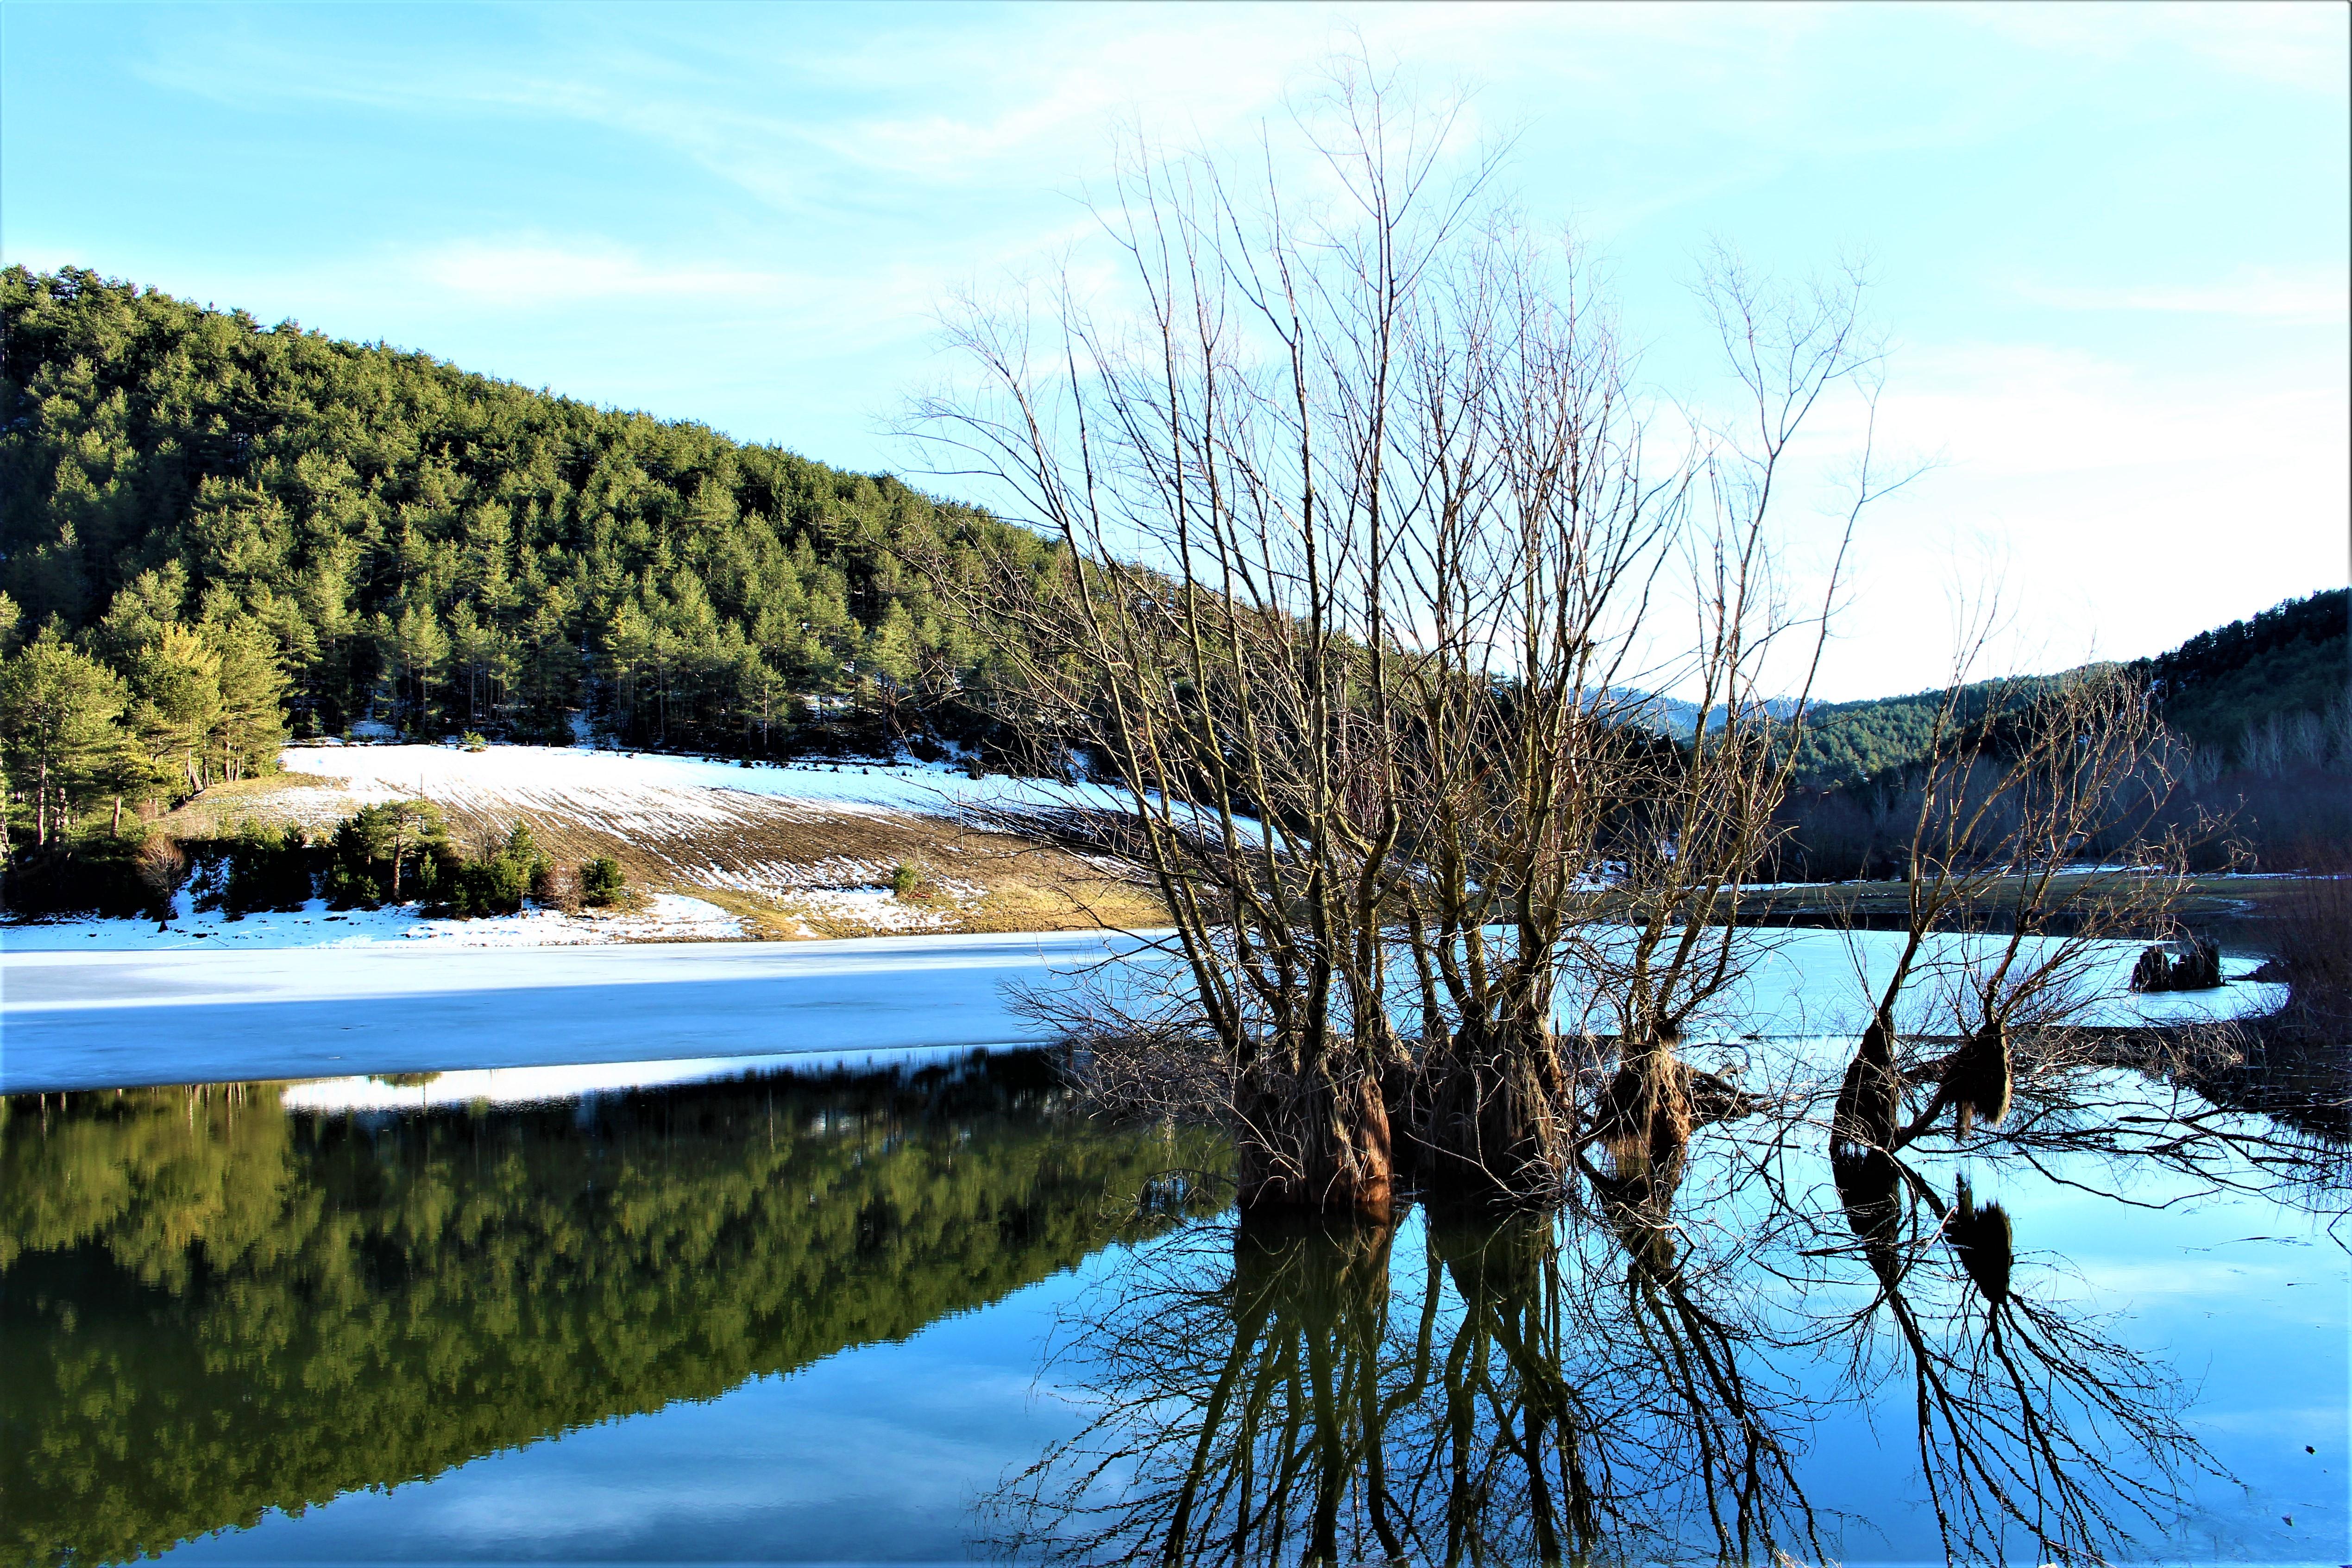 Sünnet gölü